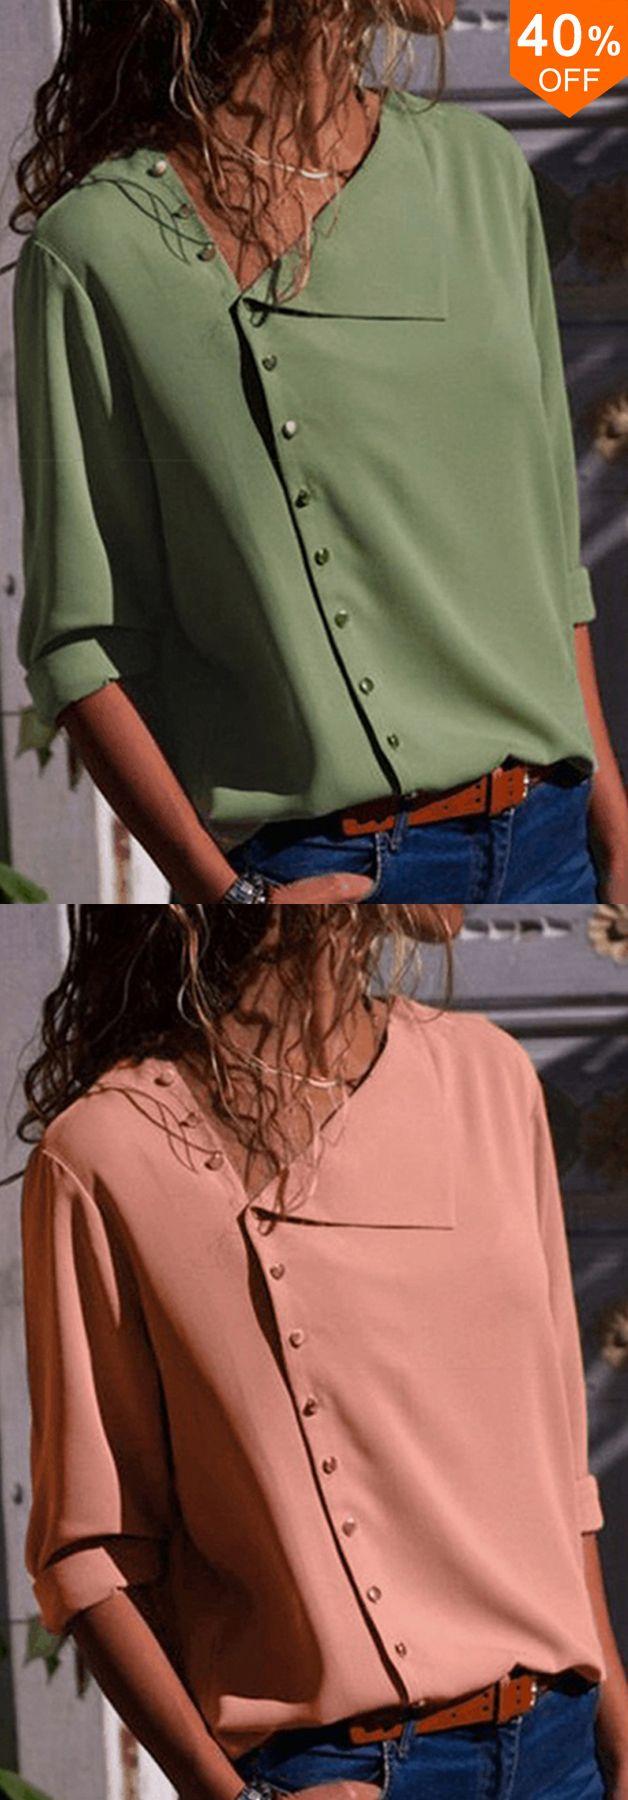 Bis zu 40% Rabatt & kostenloser Versand. Damen Langarm Button Down Lose Casual Basic Bluse. Ich liebe diese modischen und schönen Outfits von banggood.co.